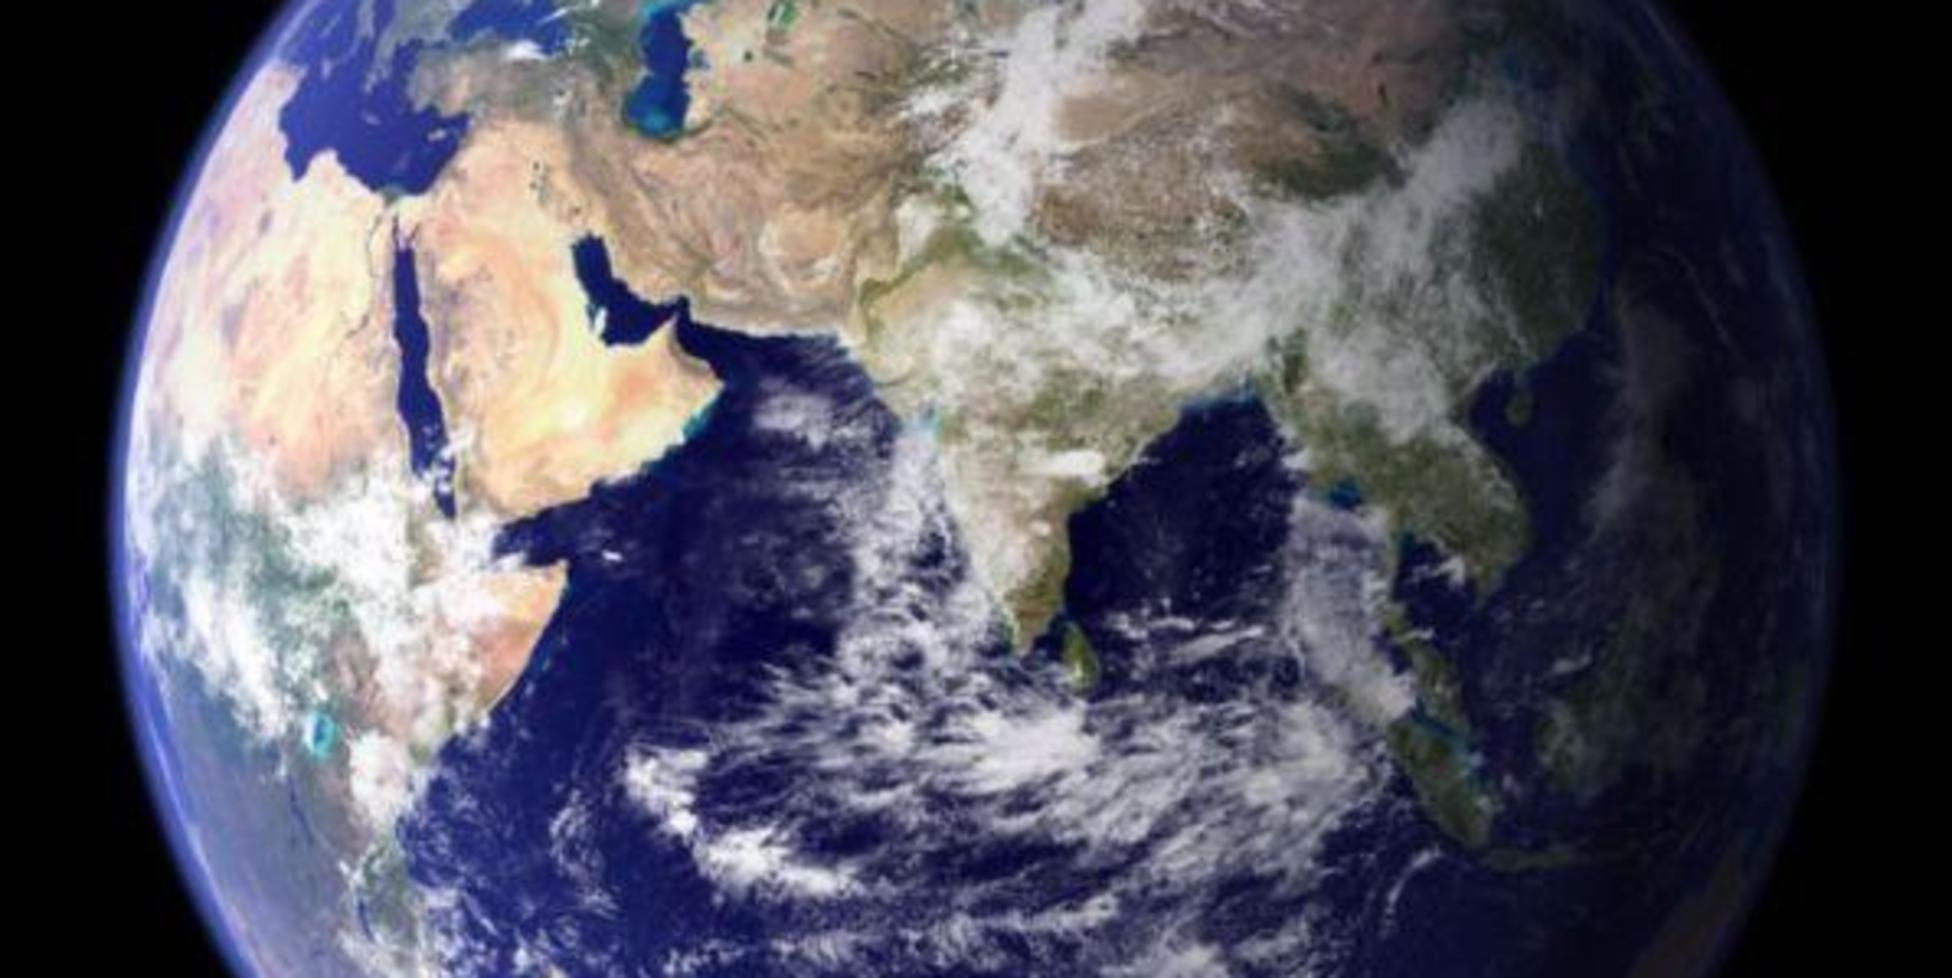 Gli oceani si stanno scaldando alla stessa velocità come se cadessero cinque bombe di Hiroshima al secondo